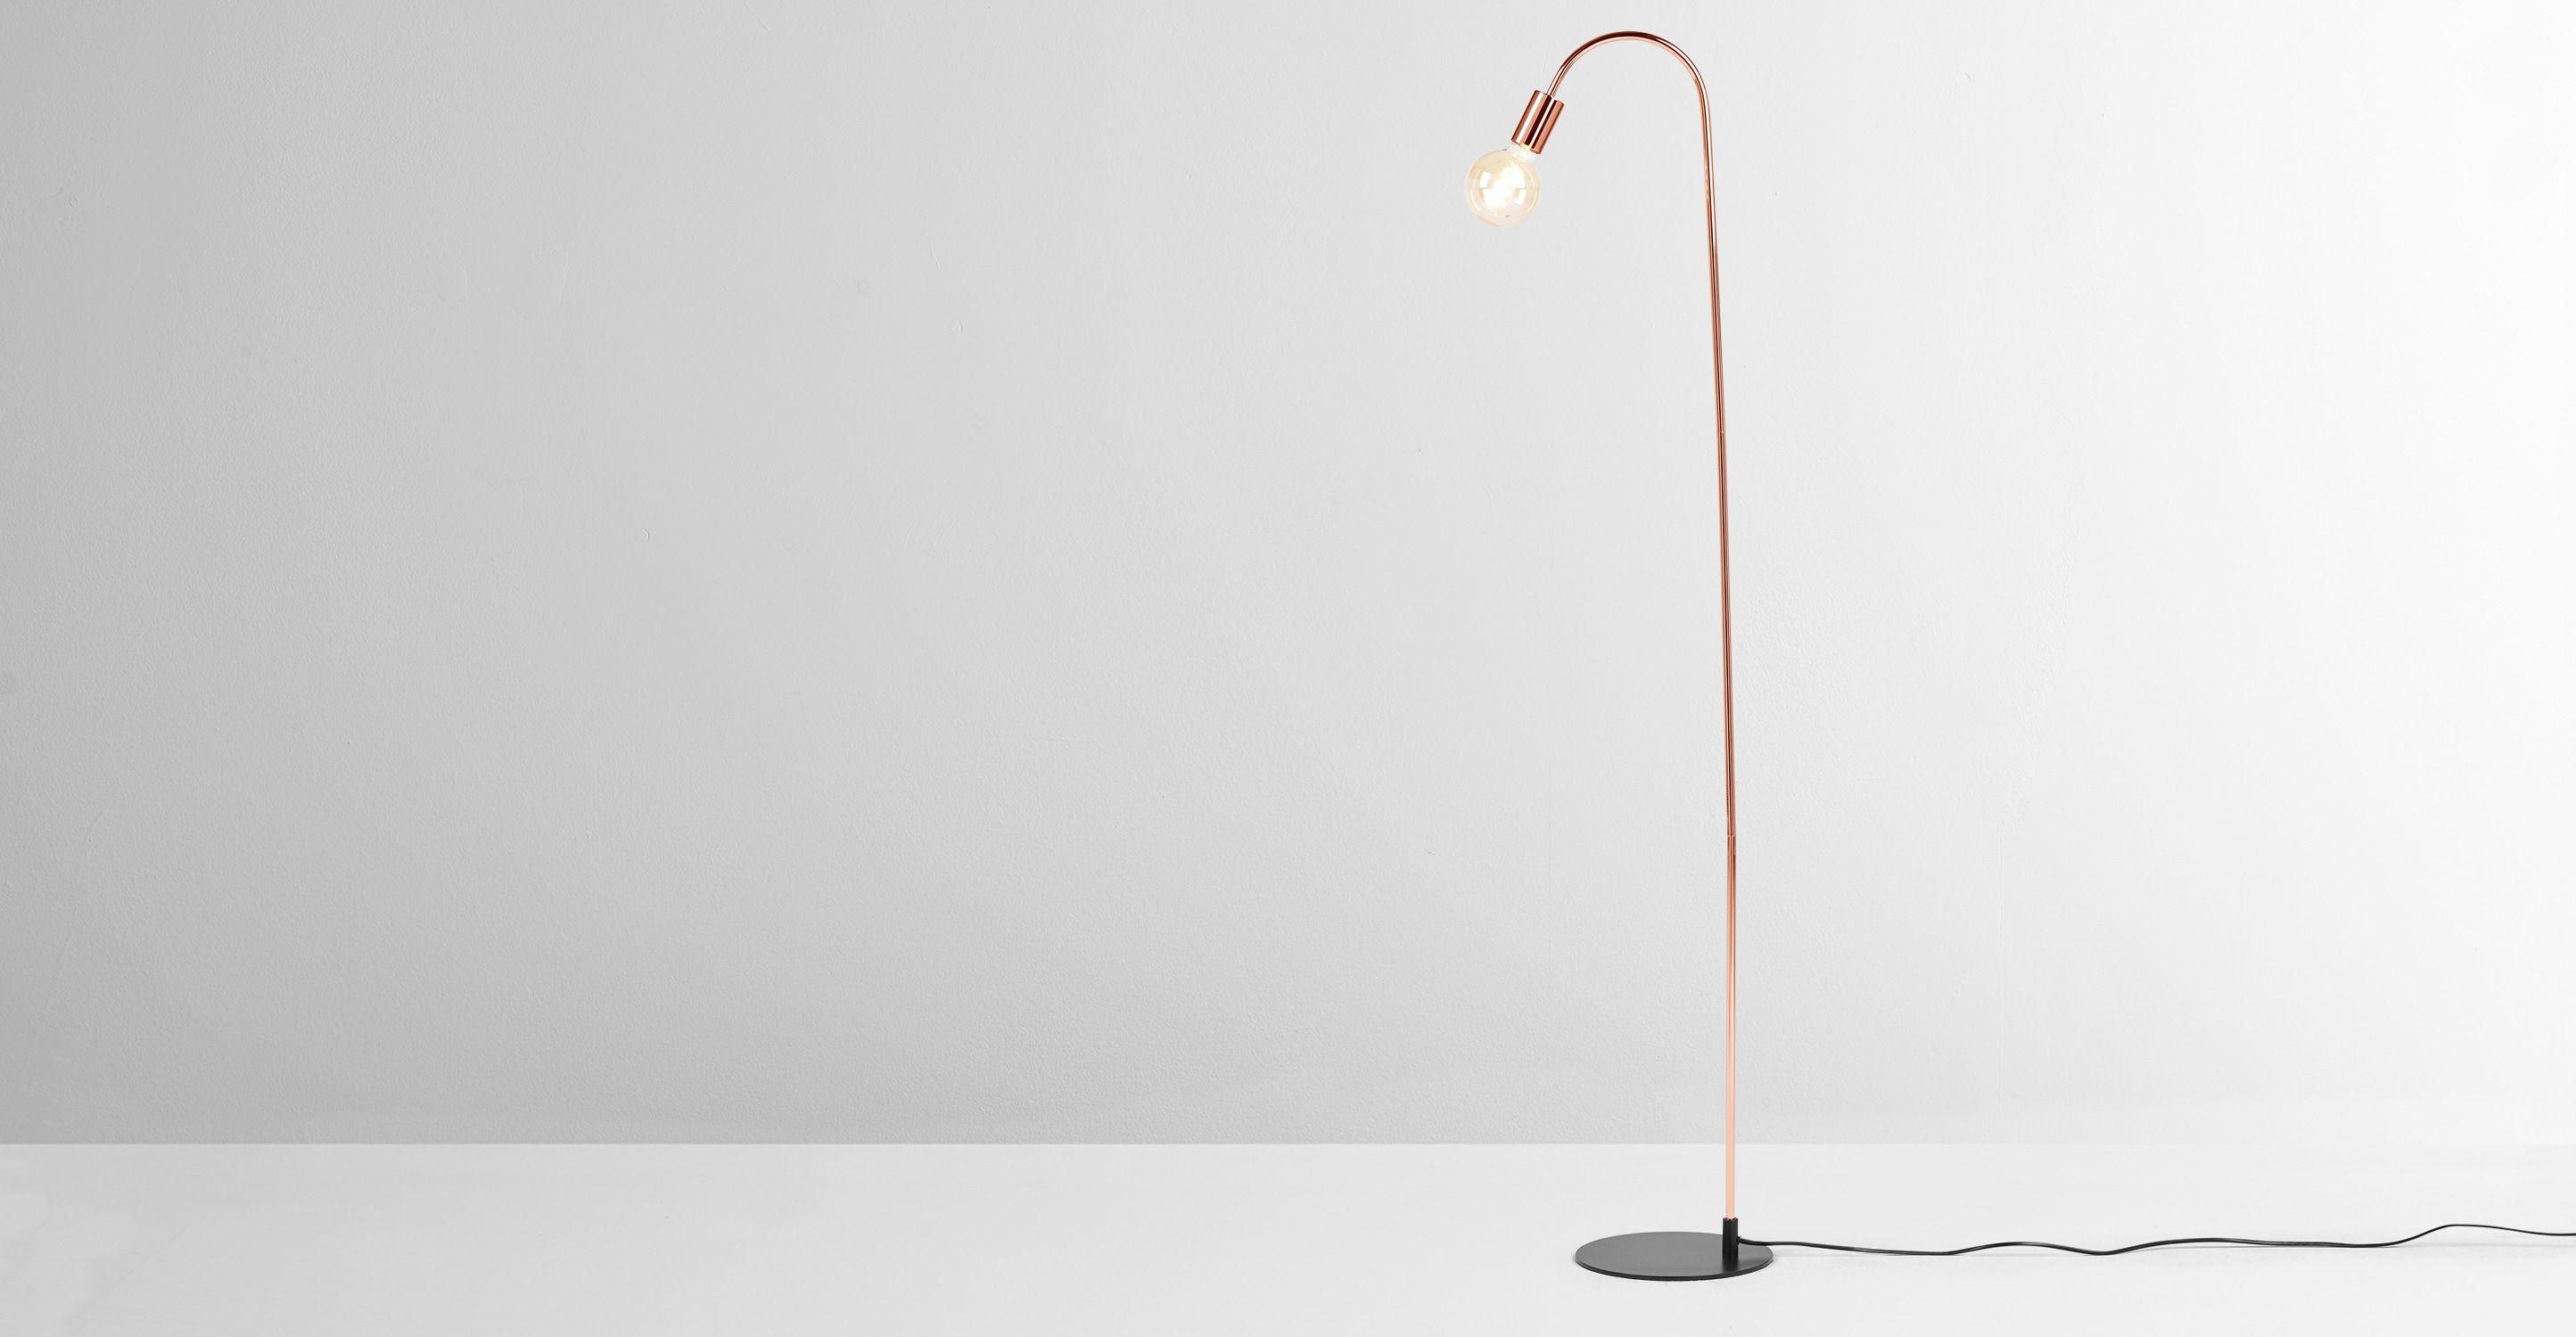 Cool Stehlampe Kupfer Ideen Von Octavia Stehlampe, - Madereview Jetzt Bestellen Unter: